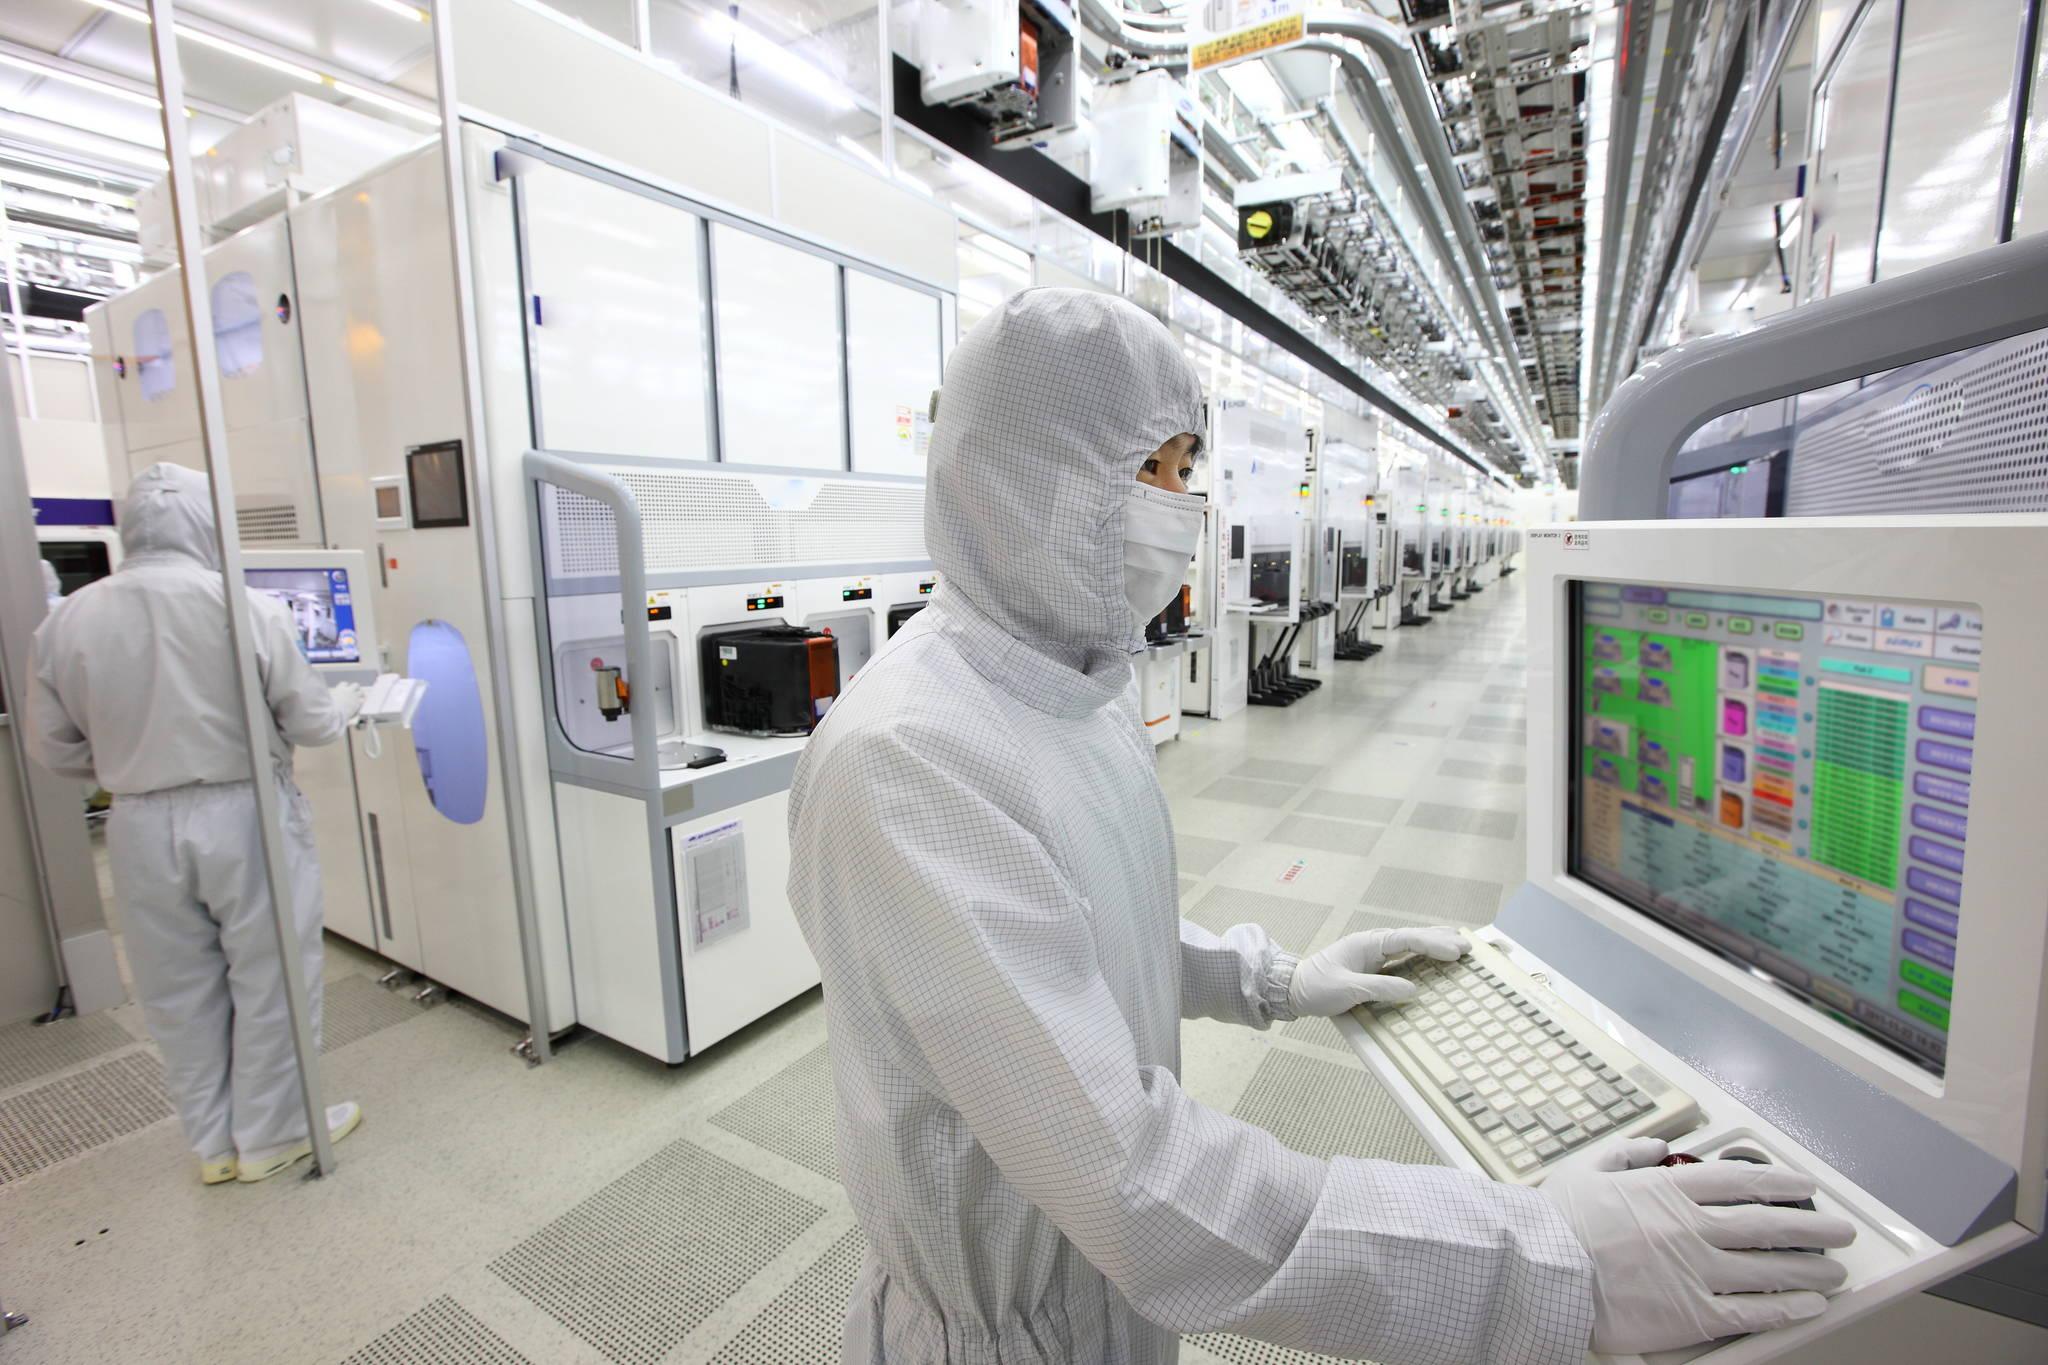 평택 반도체 공장과 밀접한 삼성전자 화성 반도체 15라인의 내부 전경. [사진 삼성전자]